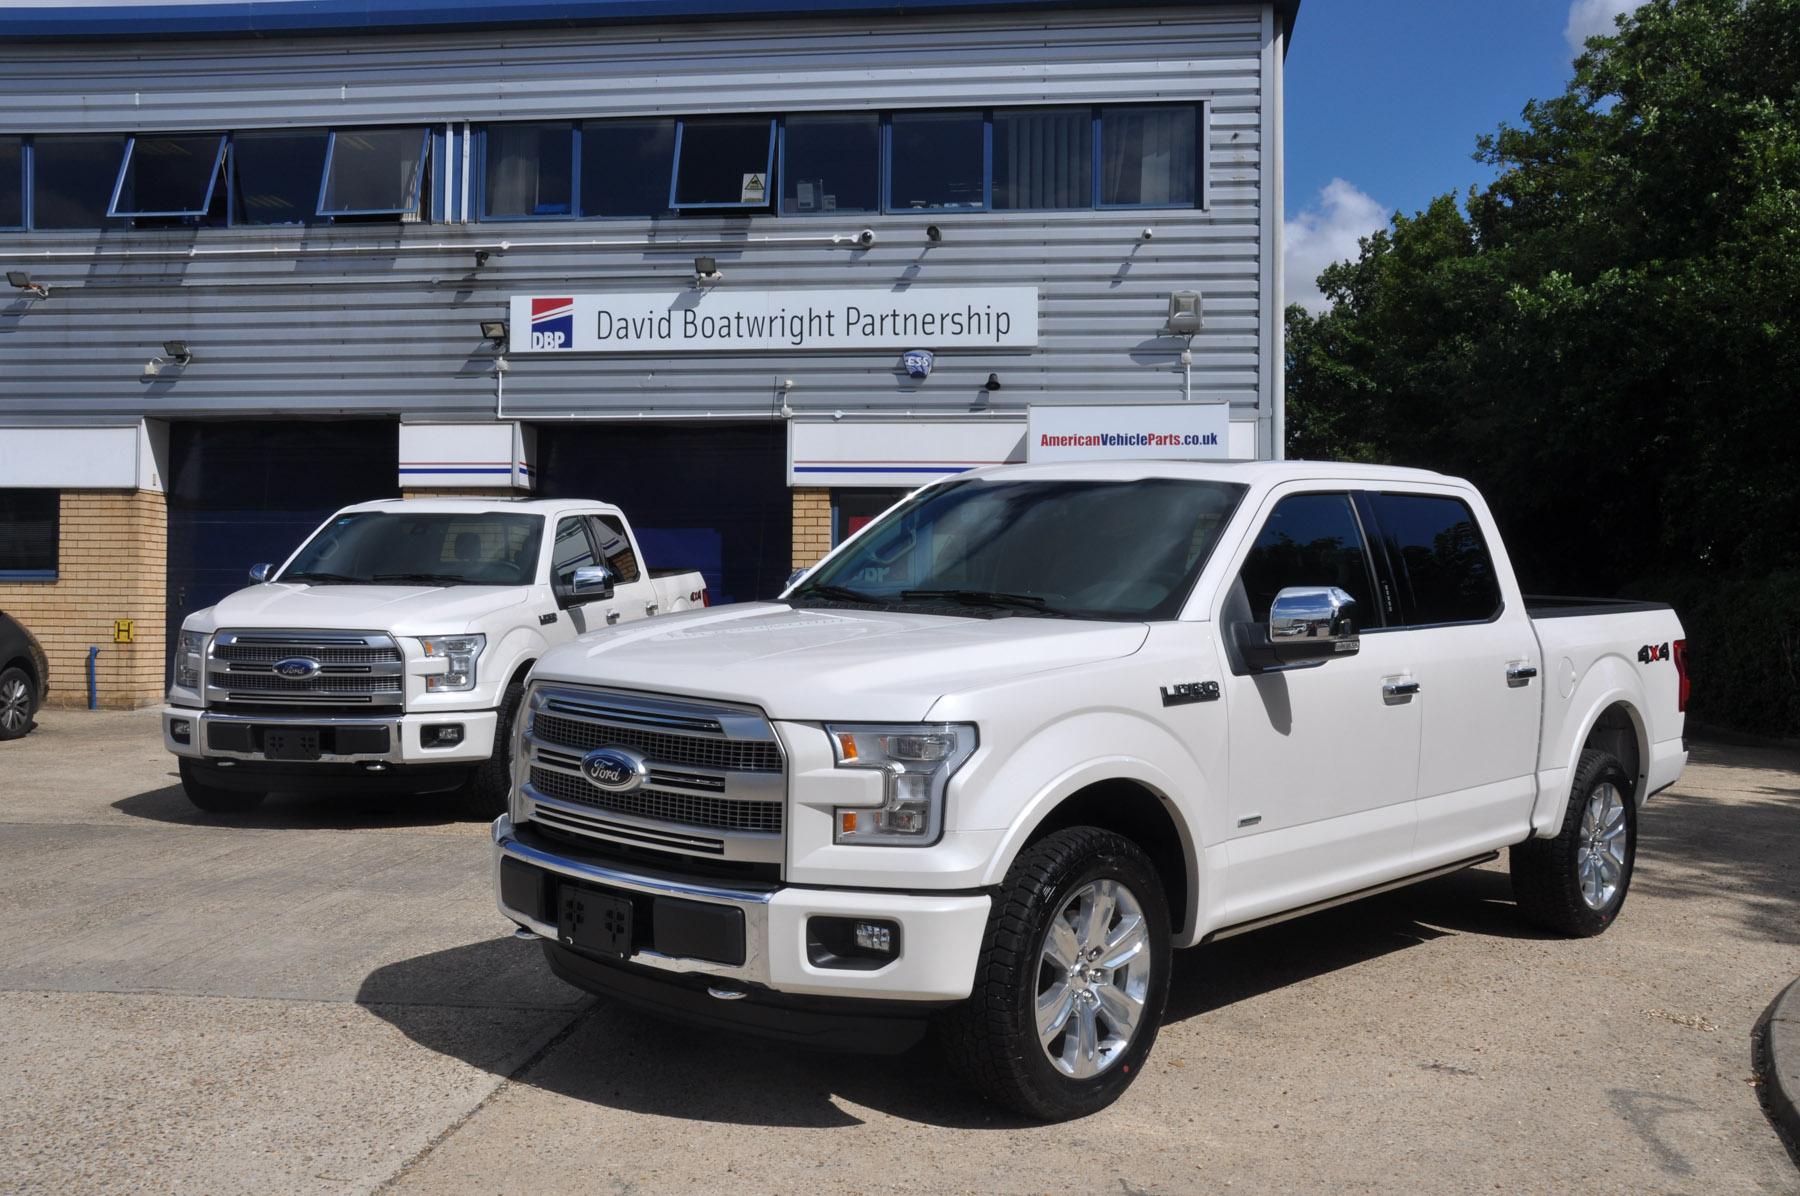 F150 Platinum UK - New